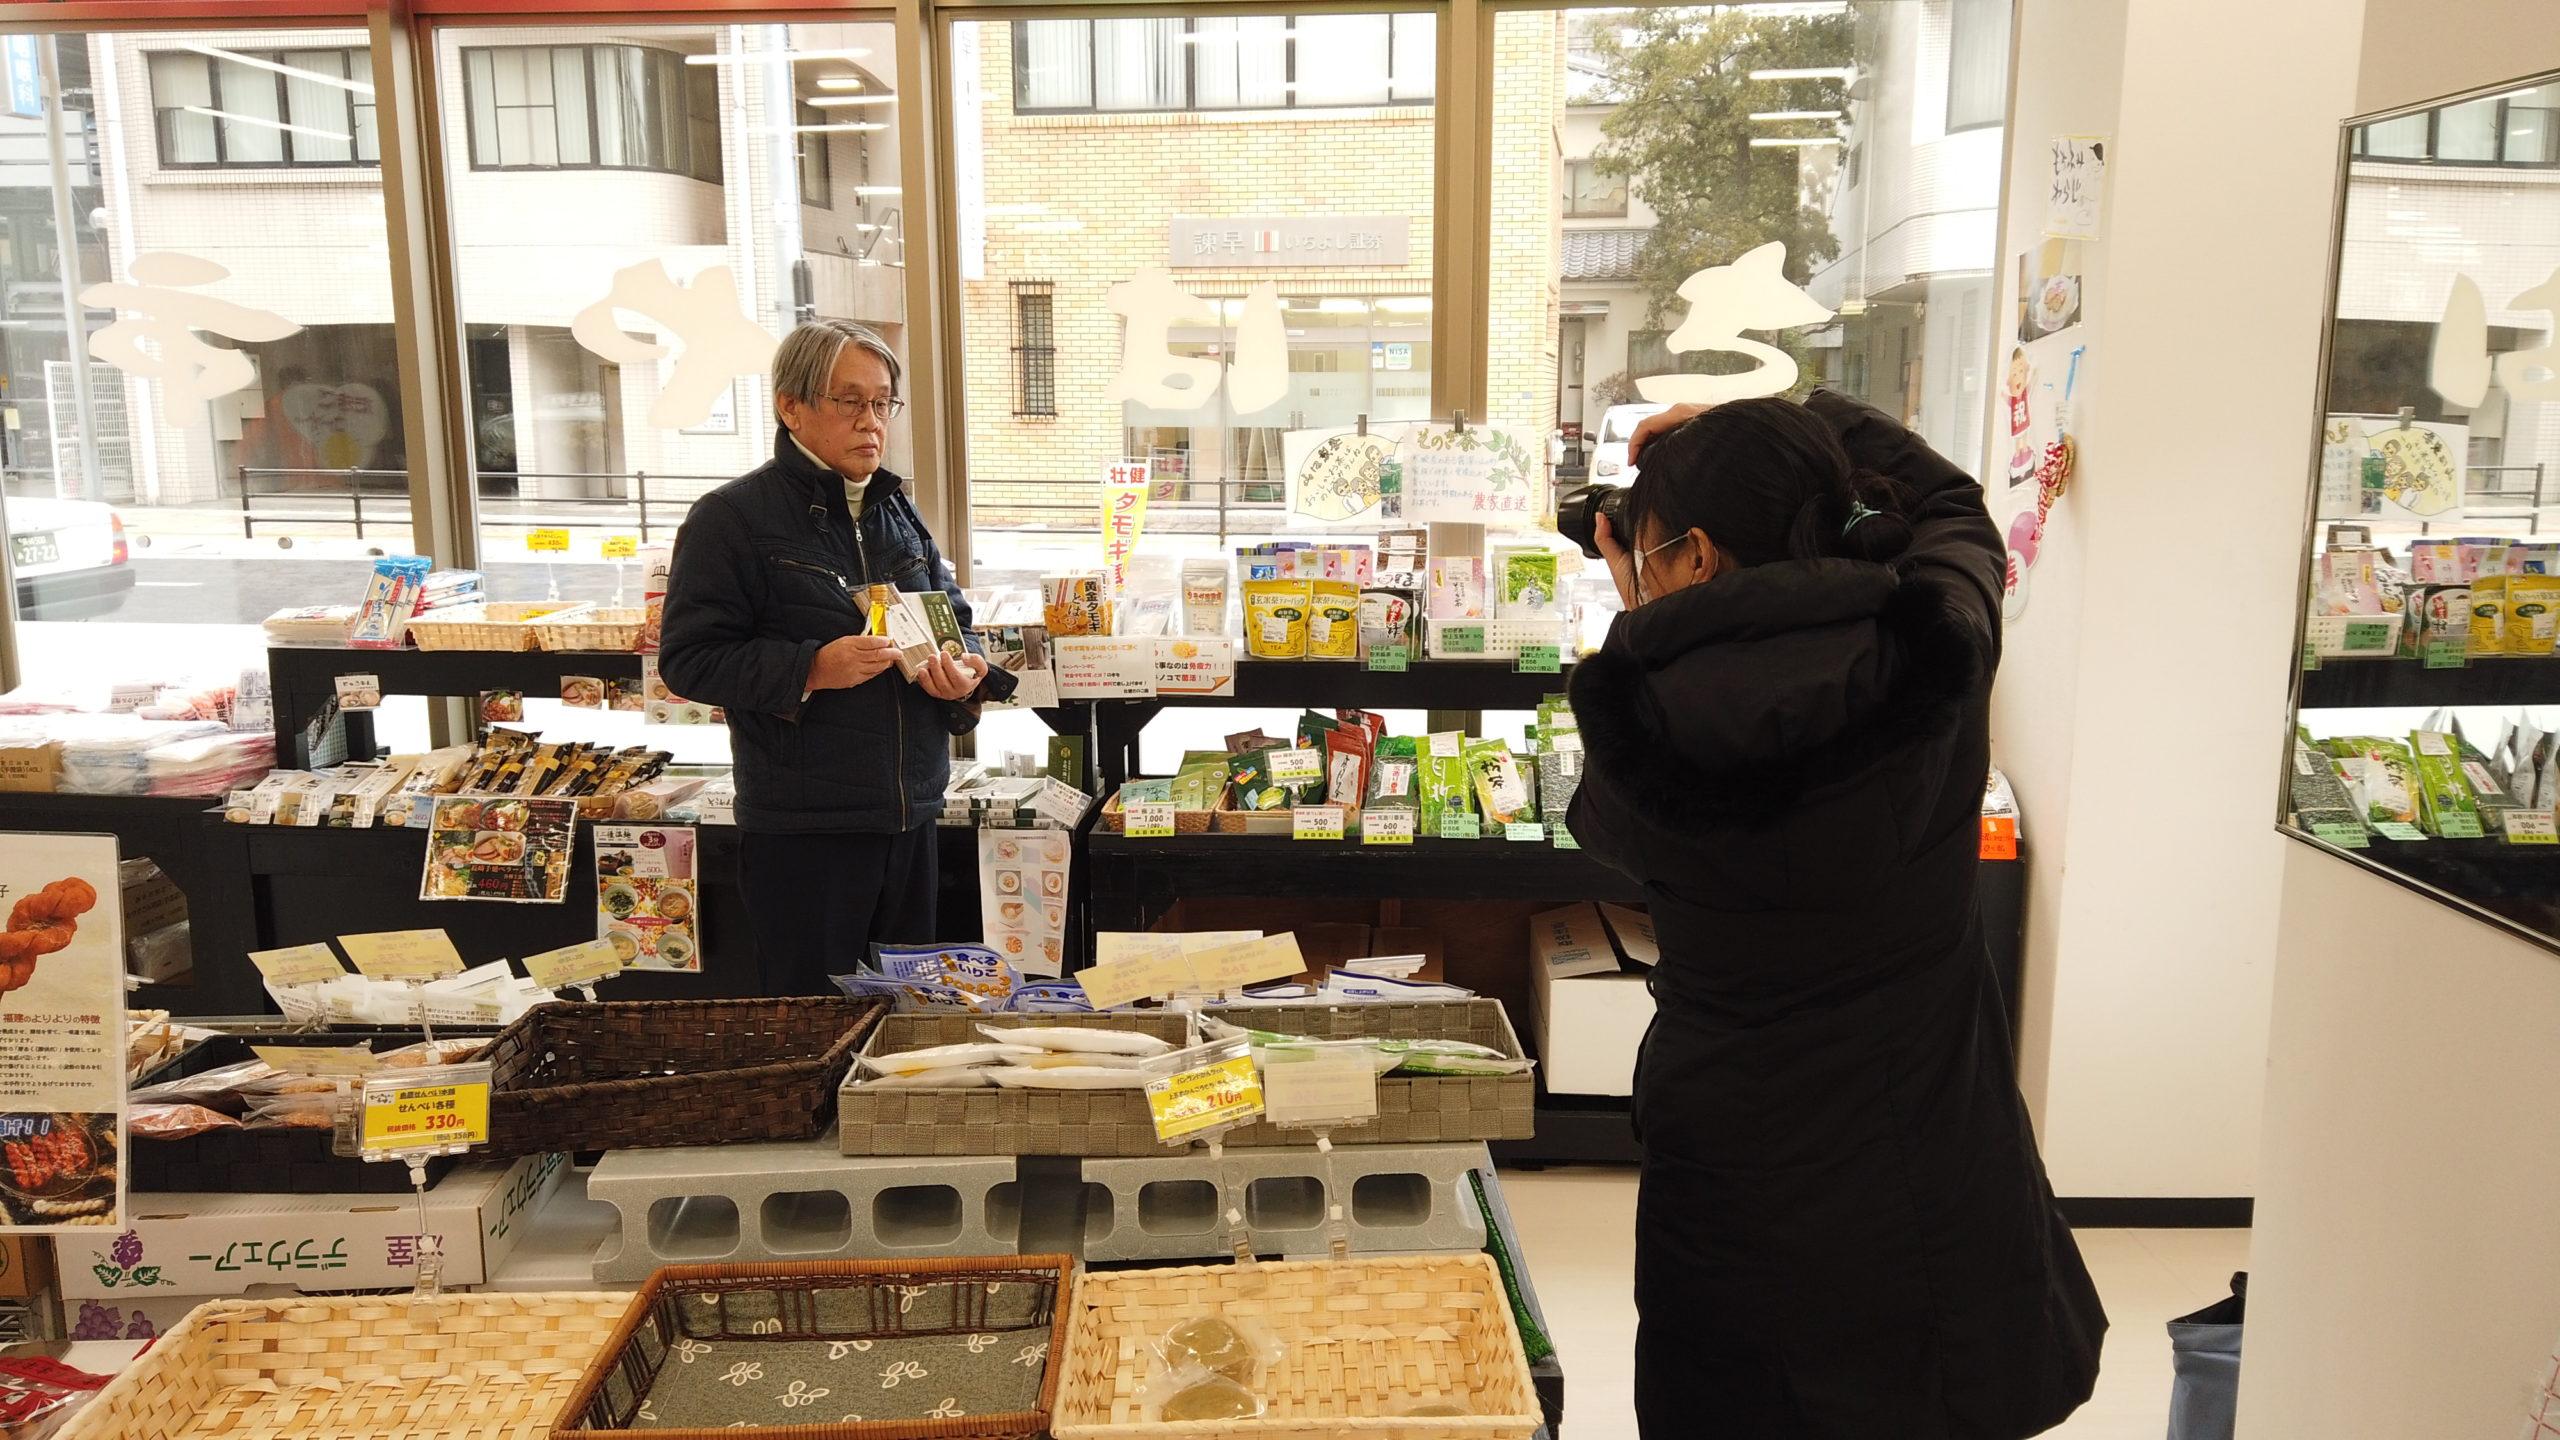 えごま油・えごま蕎麦新発売について長崎新聞社様より取材がありました(2021年1月7日)